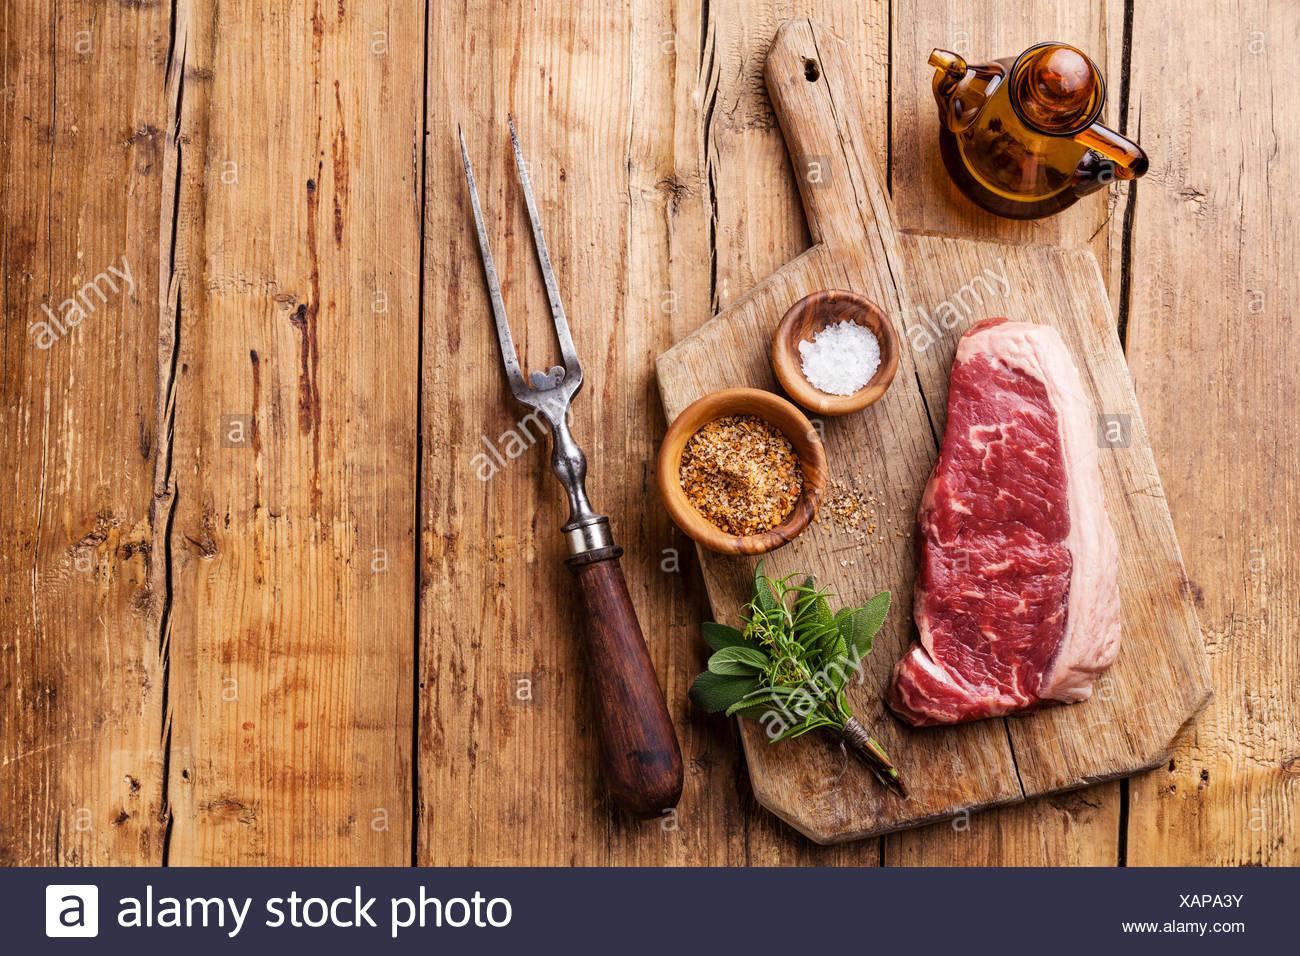 Matières de la viande fraîche de boeuf premium d'Amérique du Sud New York steak Faux-filet sur fond de bois Photo Stock